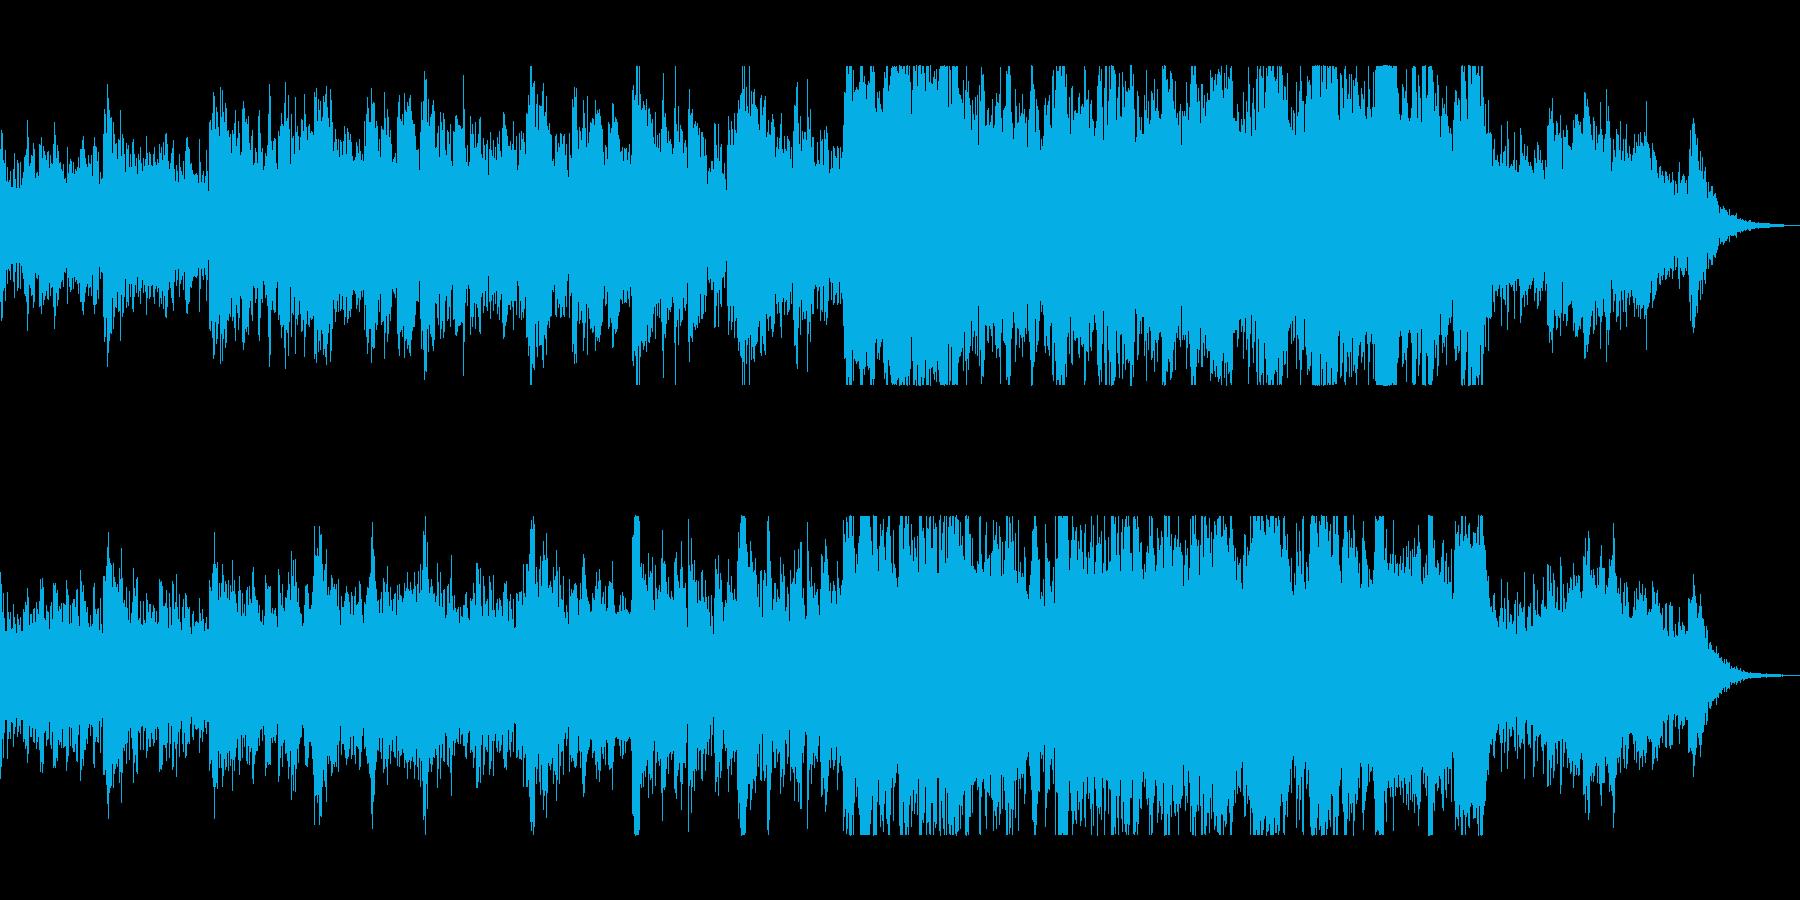 電子オーケストラの壮大サウンドトラックの再生済みの波形